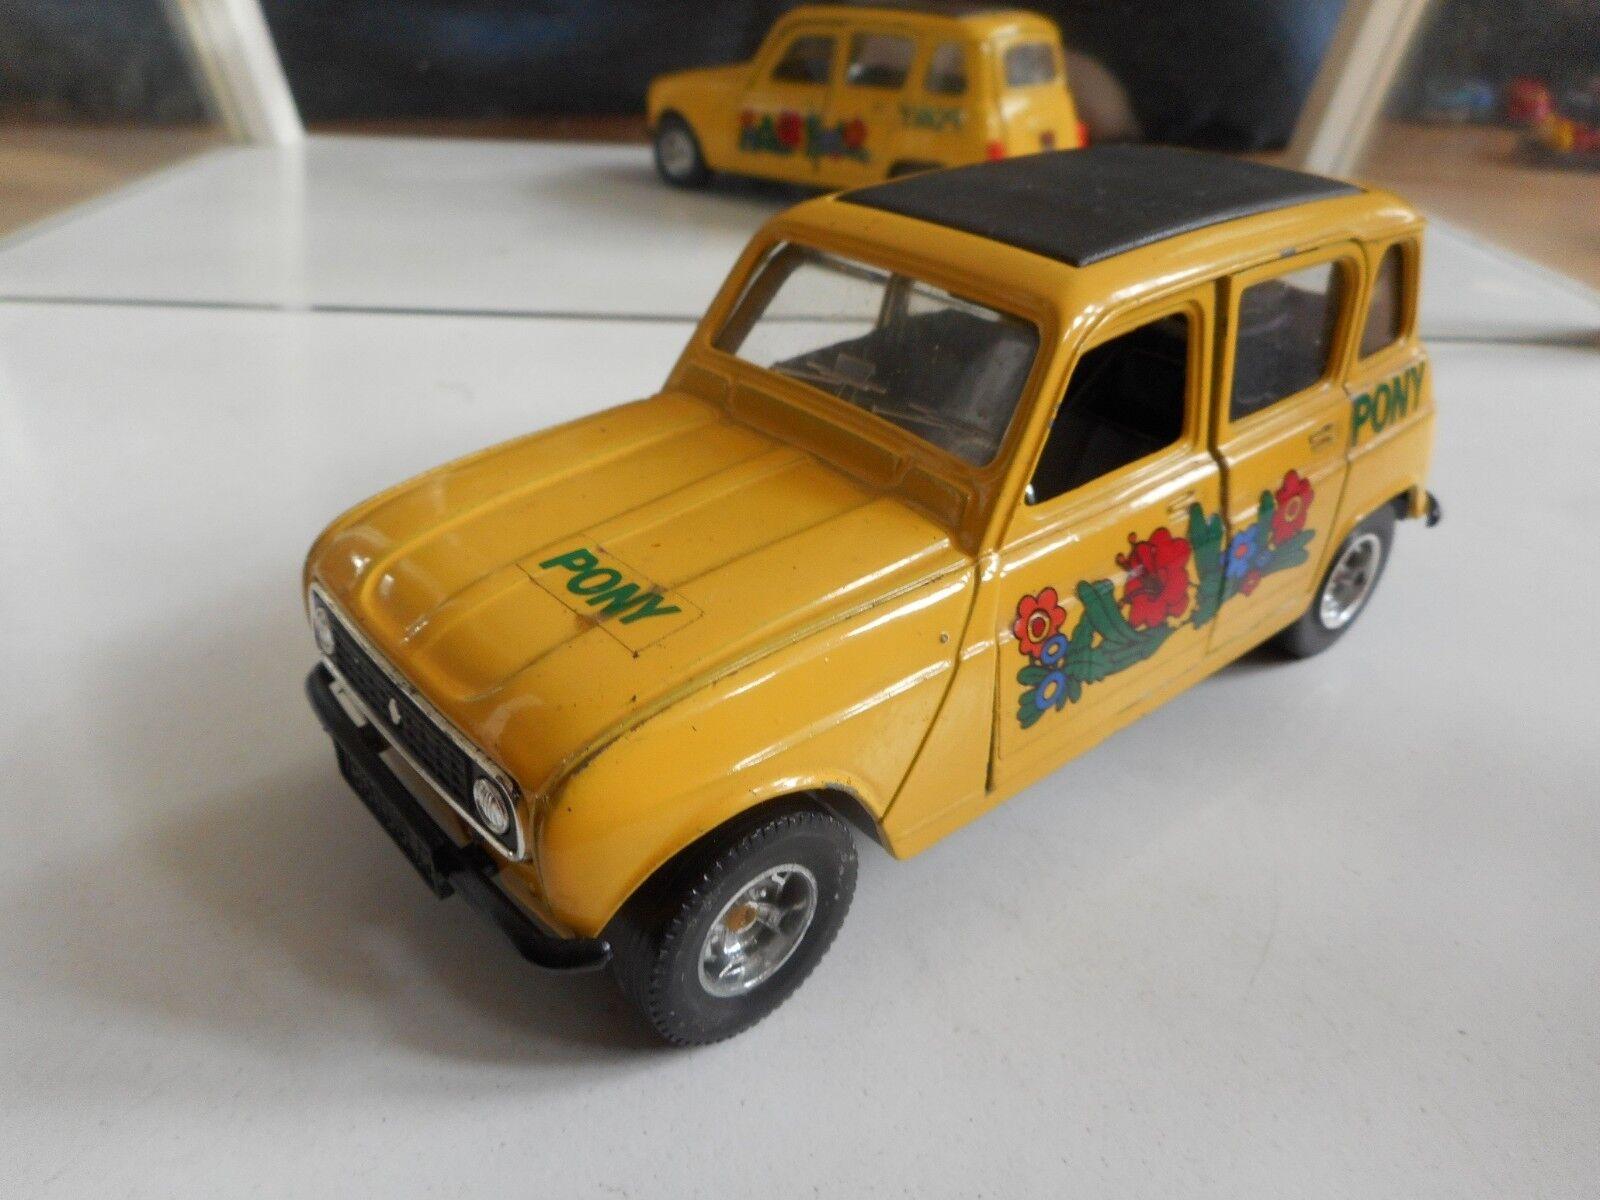 Bburago Burago Renault 4  Pony  in Light giallo on 1 24